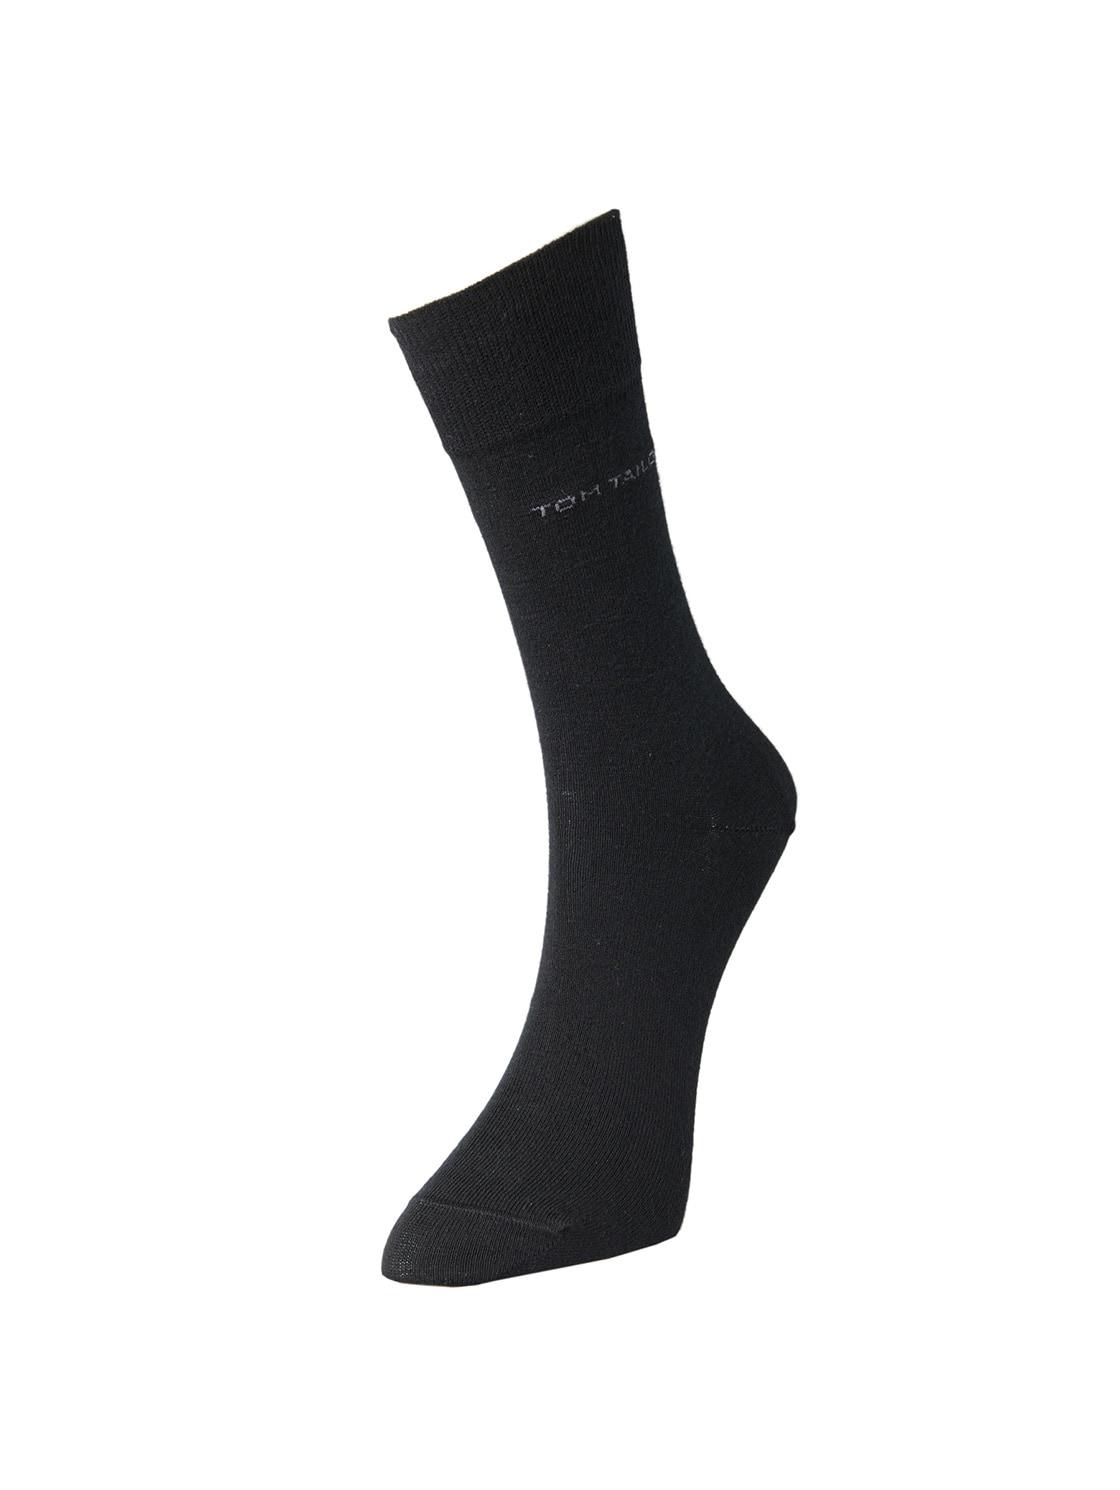 TOM TAILOR Basic Socken im Doppelpack, Herren, black, Größe: 39 42